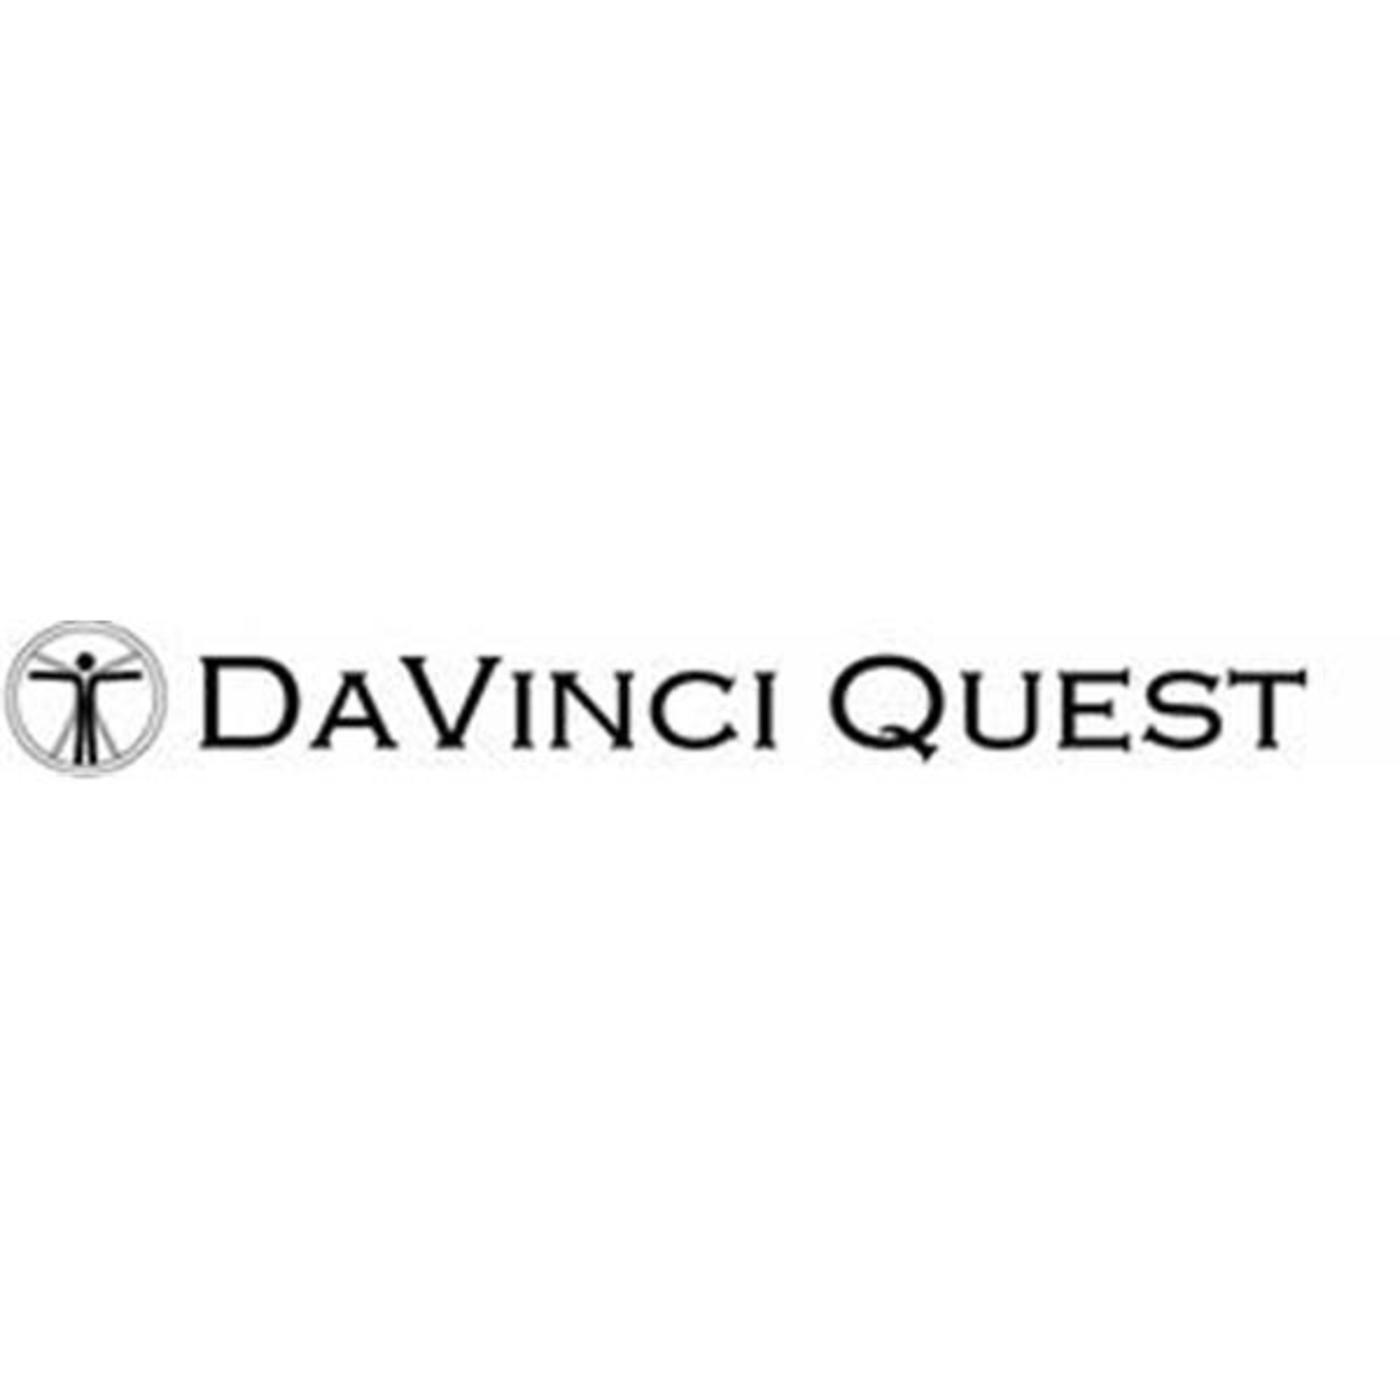 DaVinci Quest